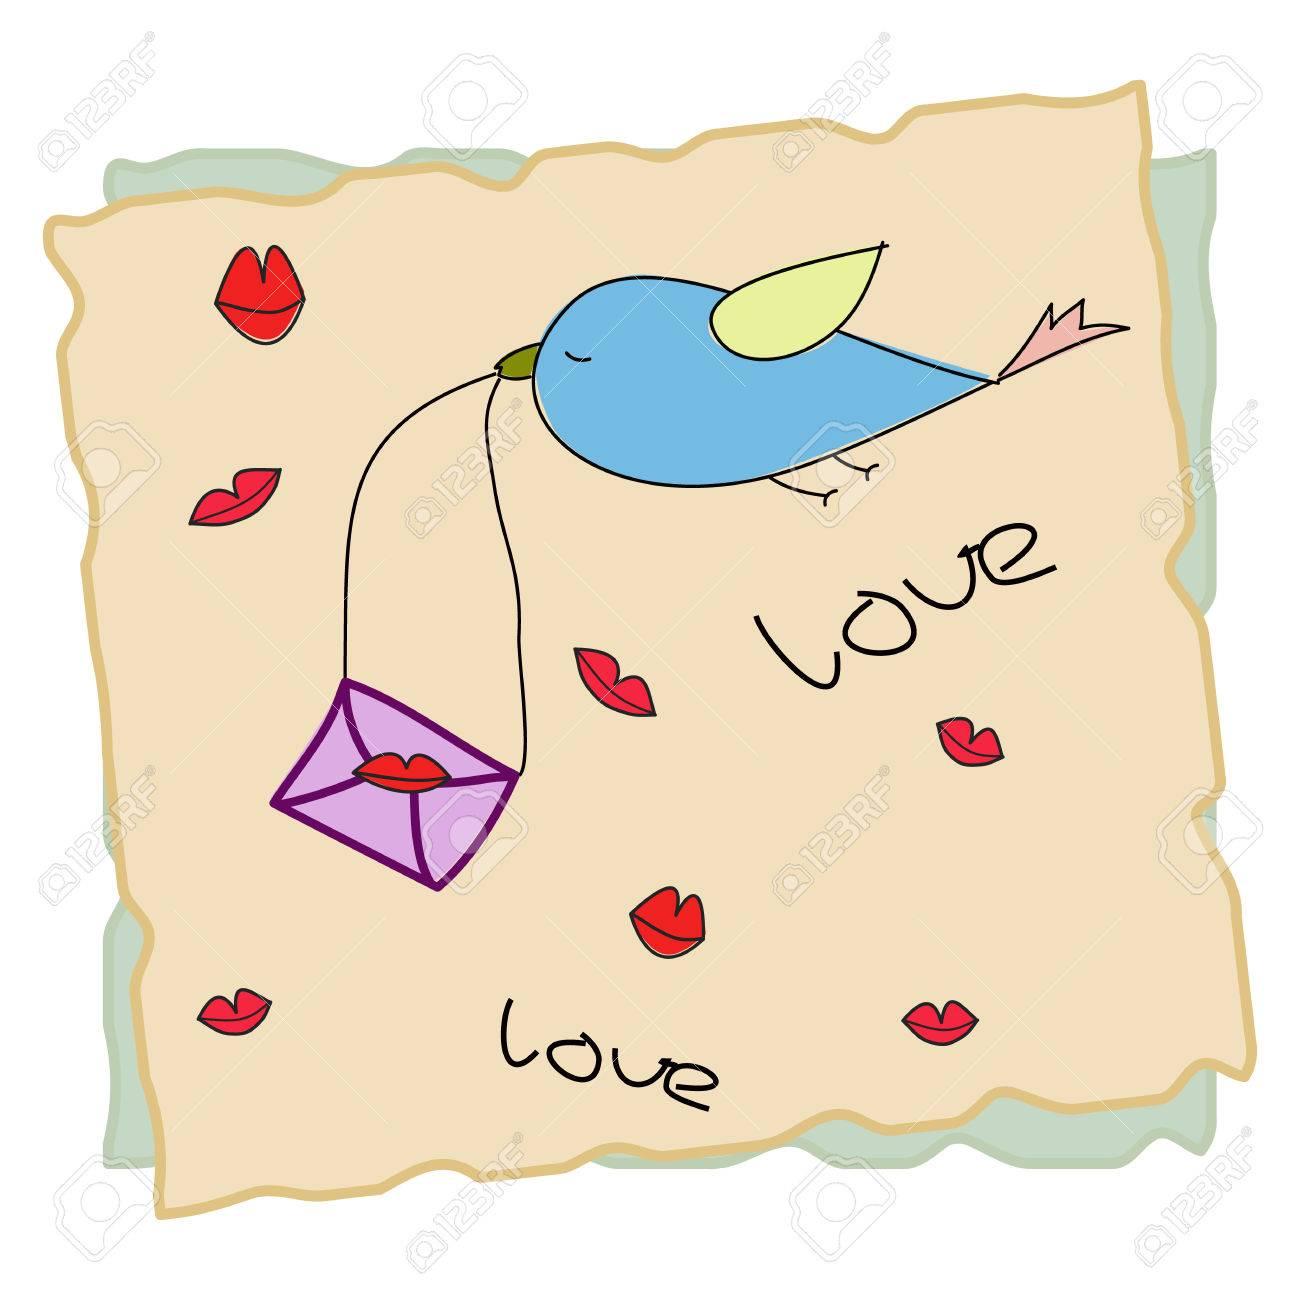 くちばしに手紙で簡単な飛ぶ鳥のイラスト素材ベクタ Image 70662634